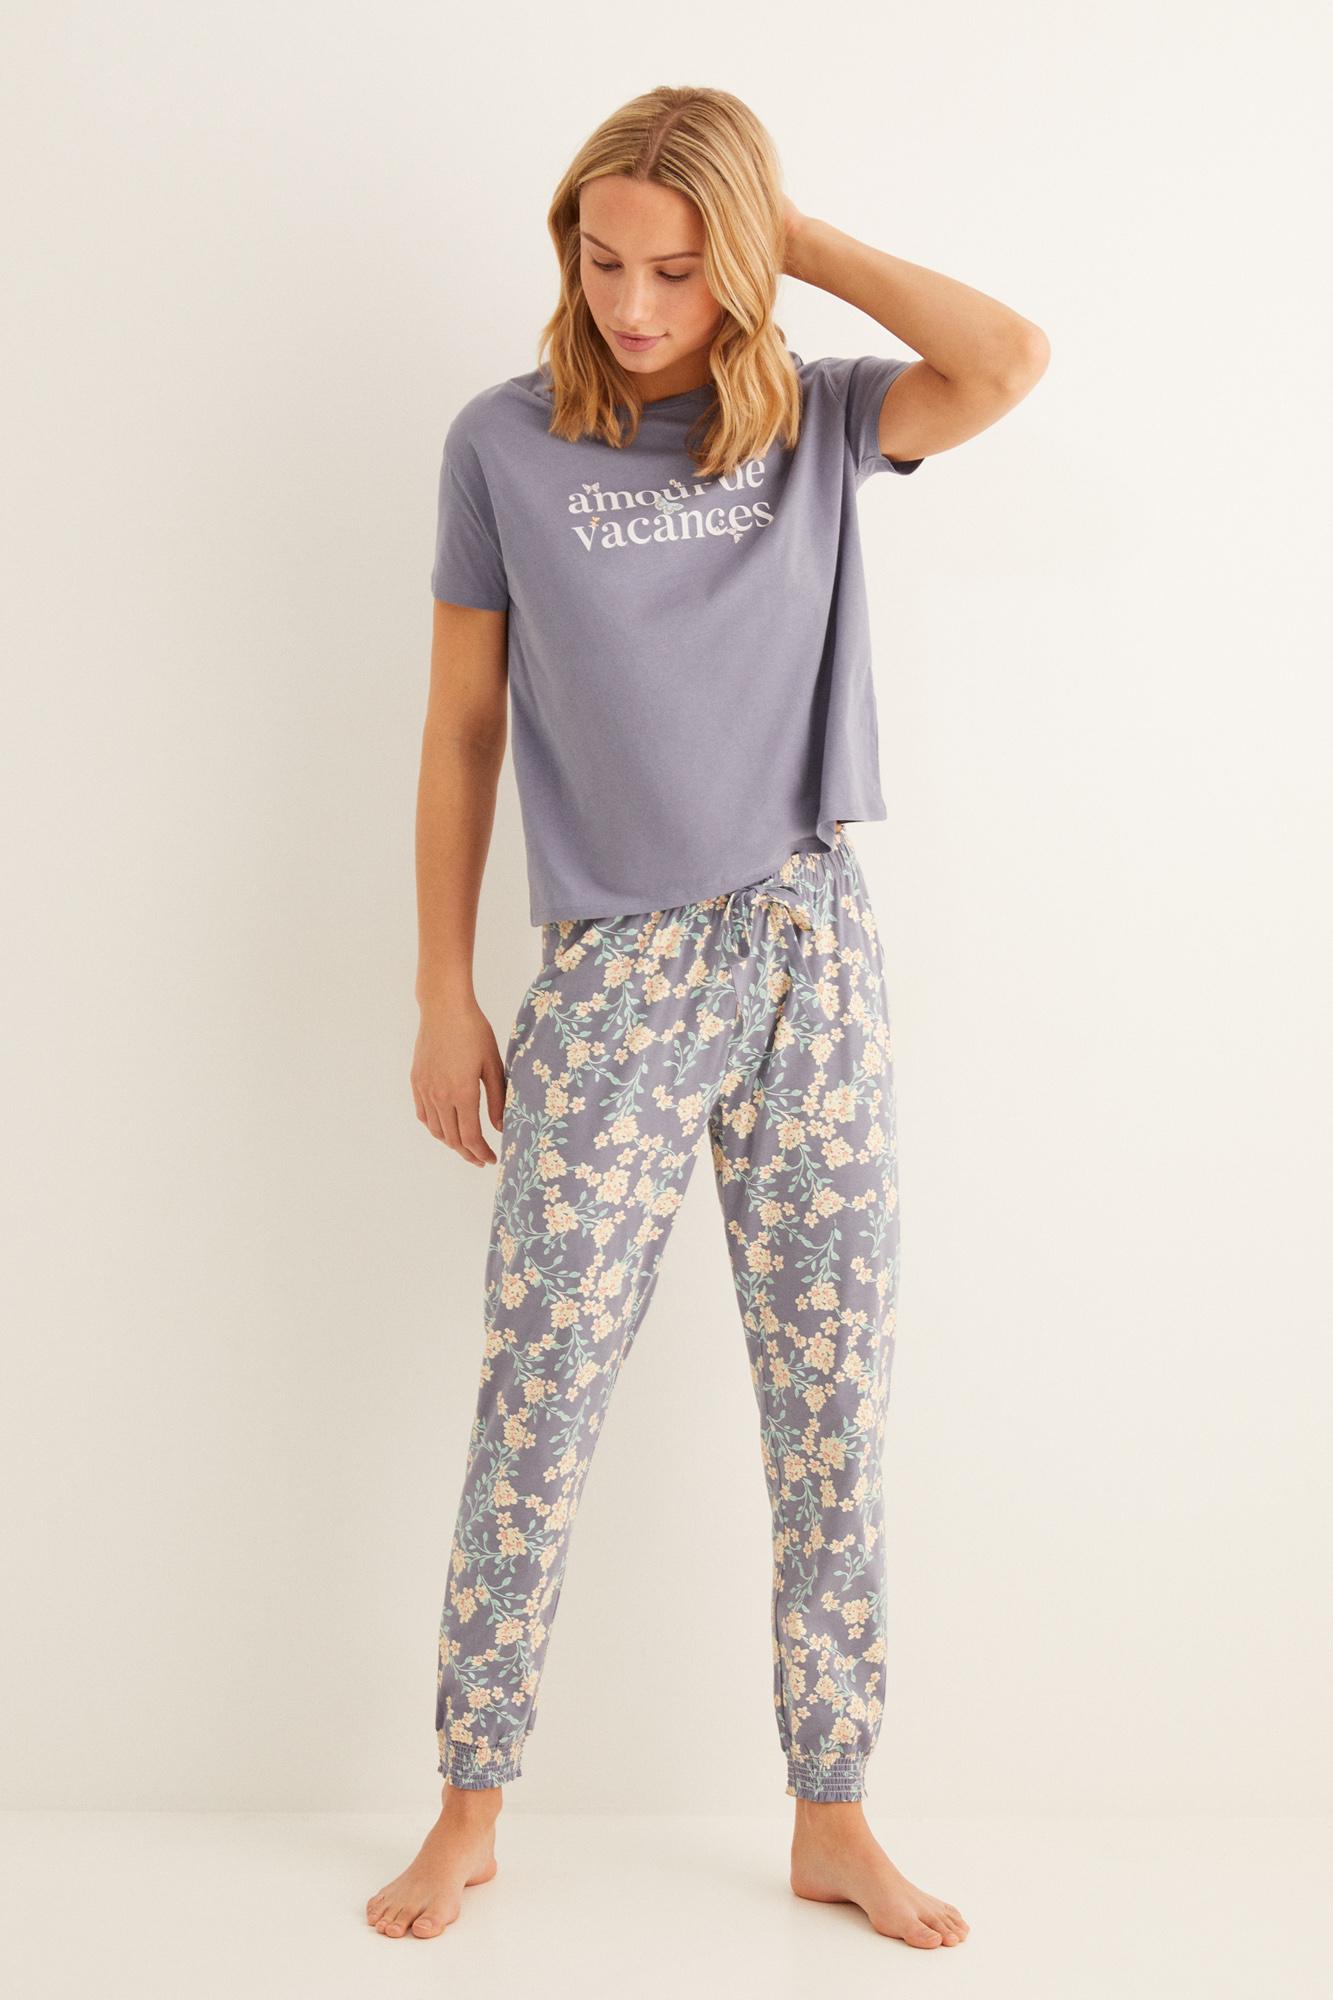 Pijama largo algodón   Pijamas largos   Women'secret